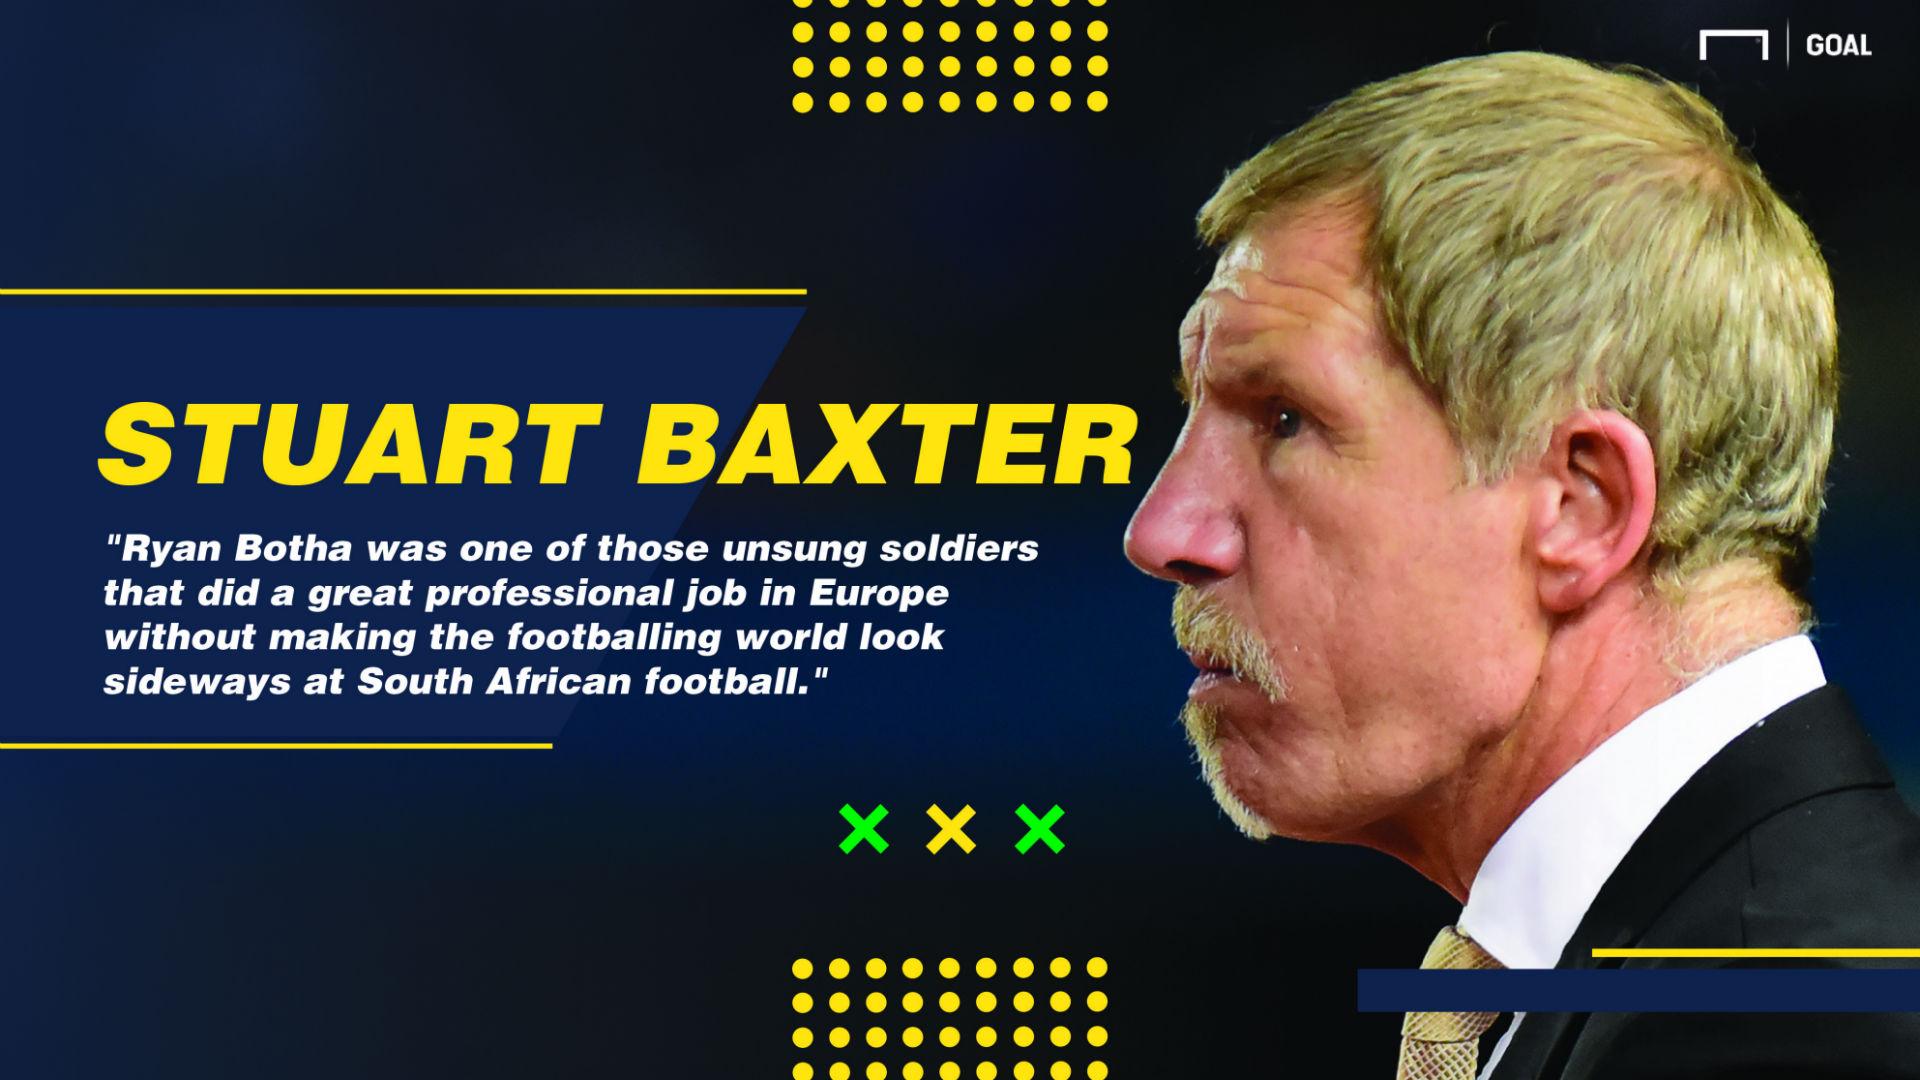 Stuart Baxter on Ryan Botha